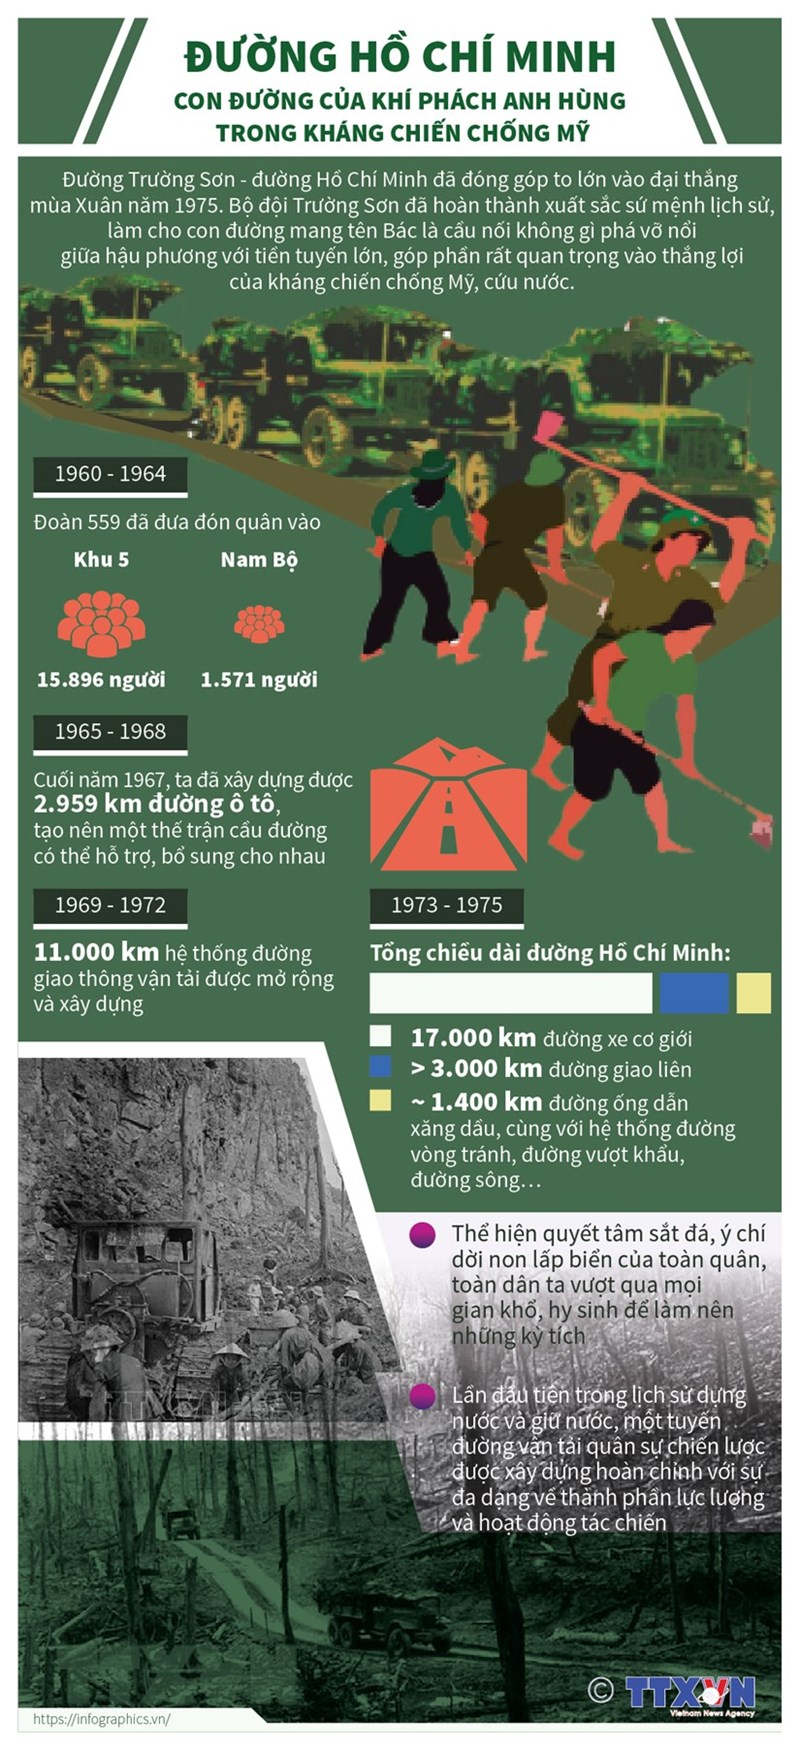 [Infographics] Đường Hồ Chí Minh: Sứ mệnh anh hùng trong kháng chiến chống Mỹ - Ảnh 1